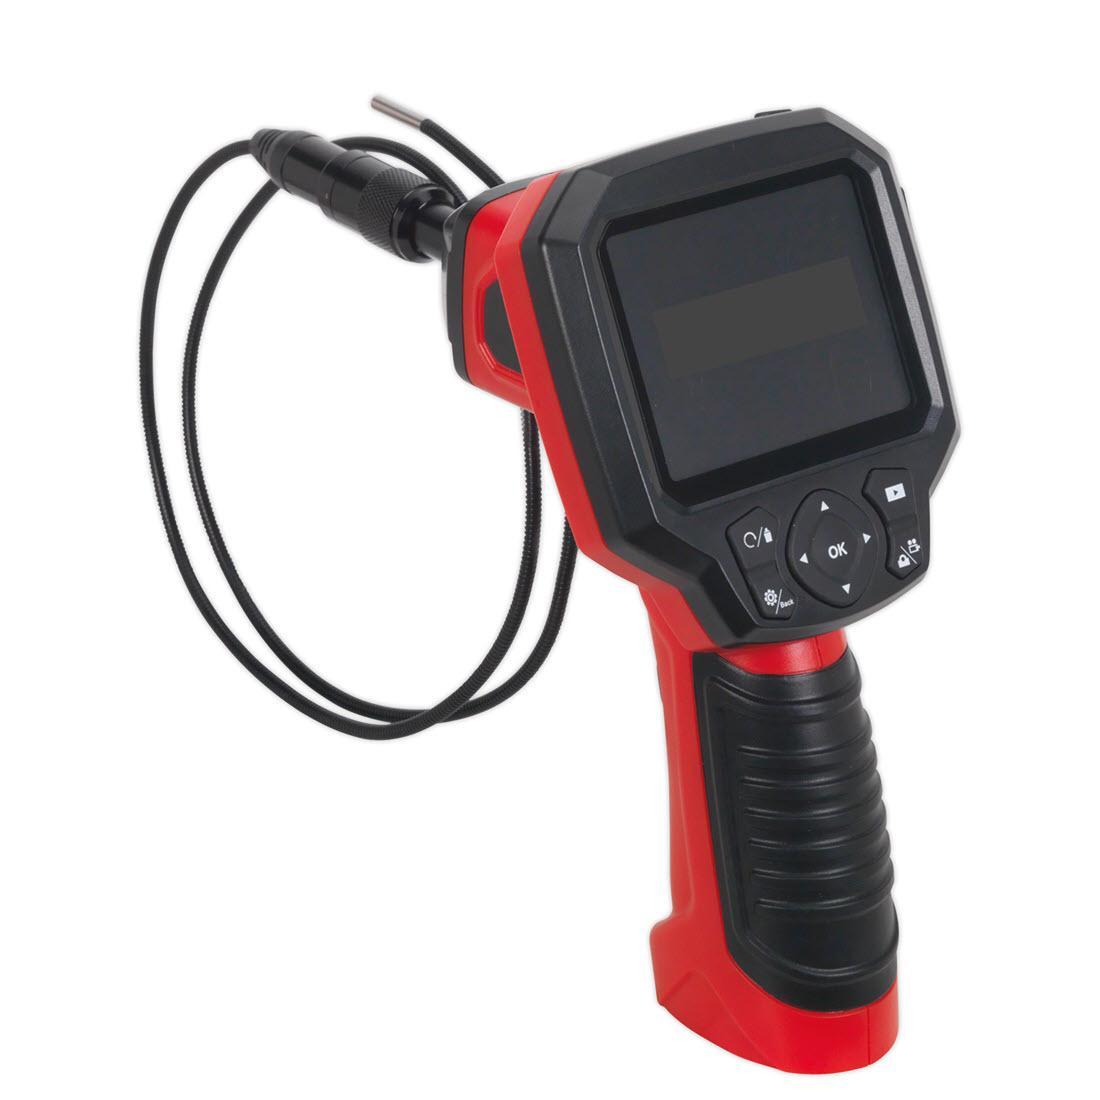 Digital Inspection Videoscopes